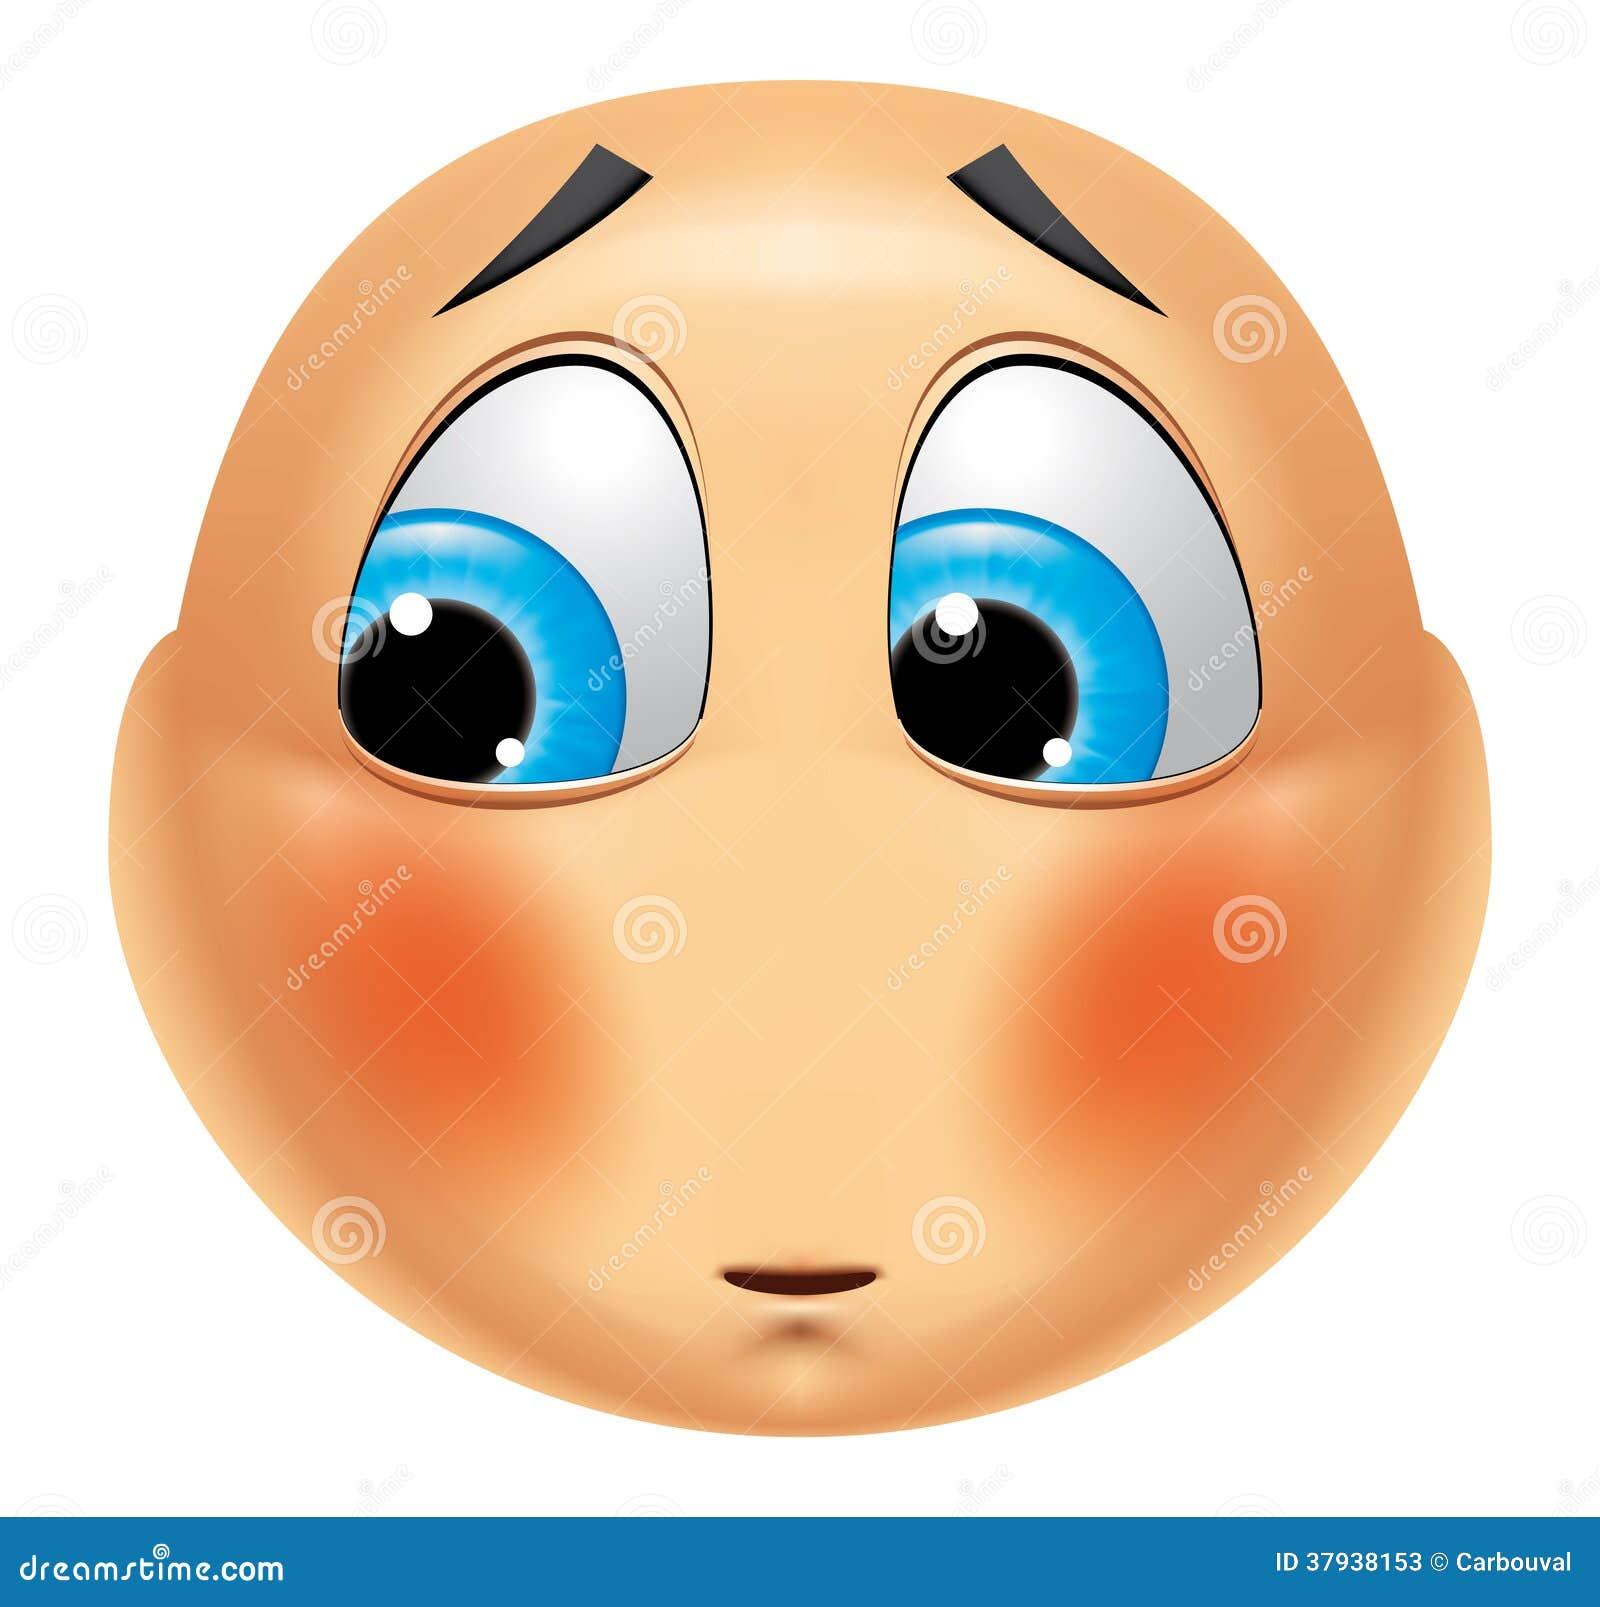 Emoticon Ashamed Stock Photos - Image: 37938153